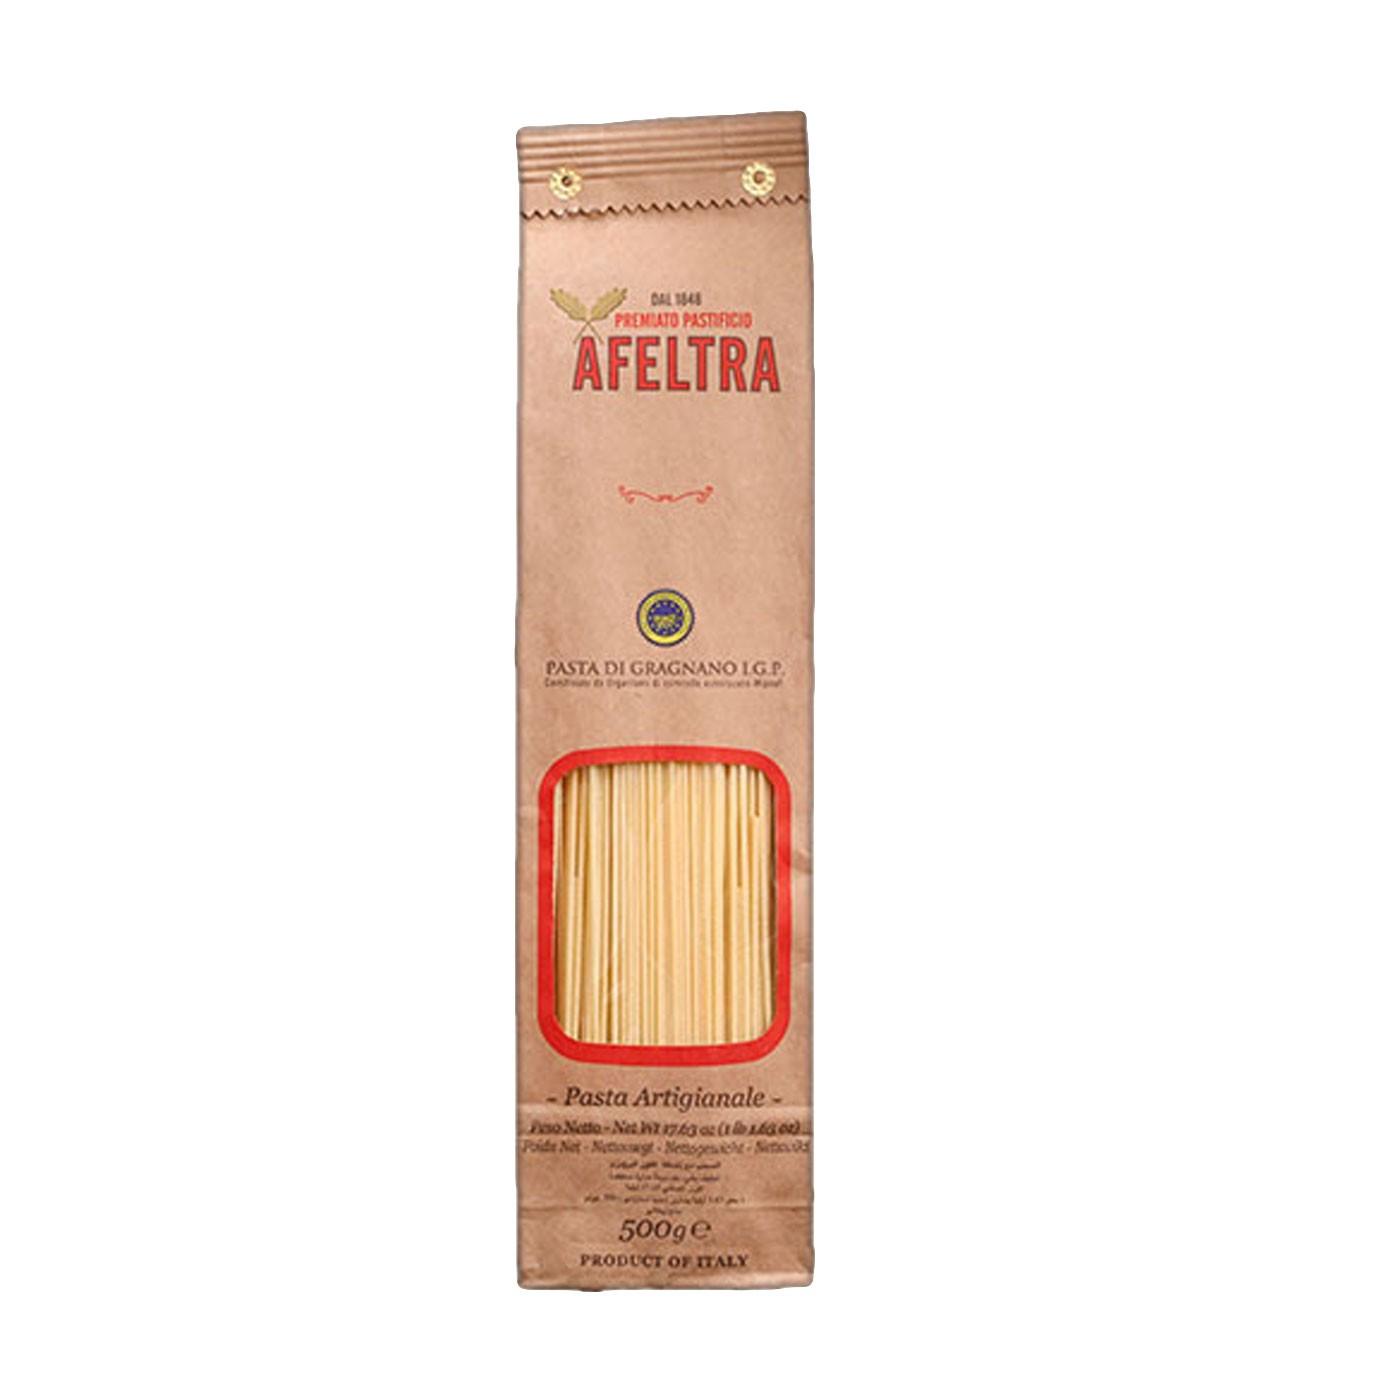 Spaghettini 17.6oz - Afeltra